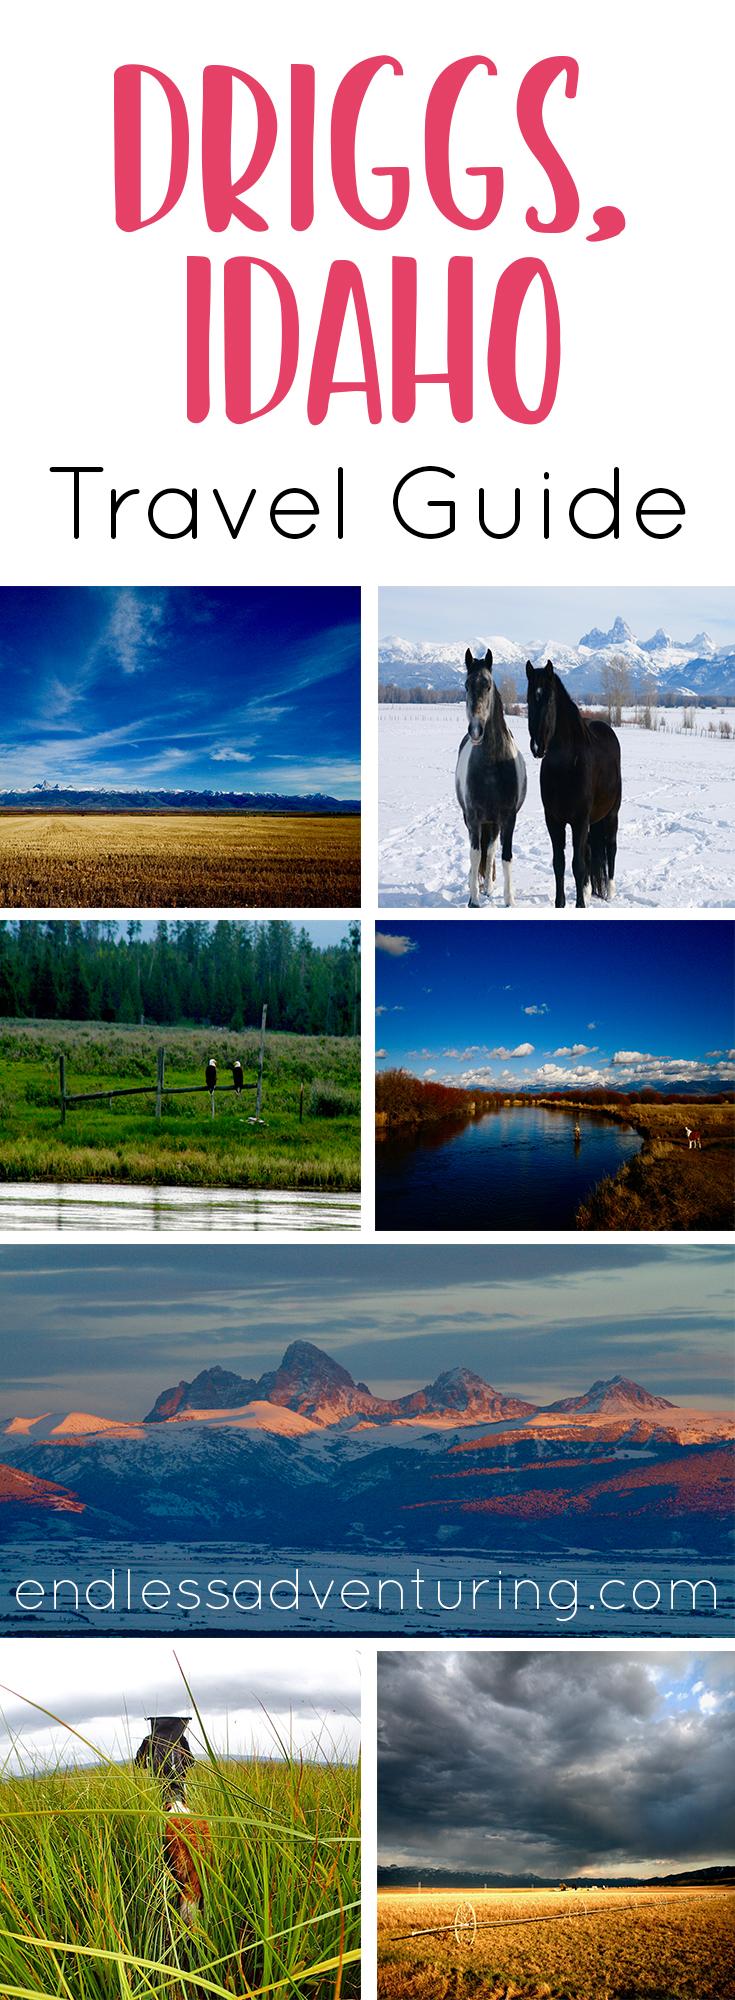 Driggs Idaho Travel Guide